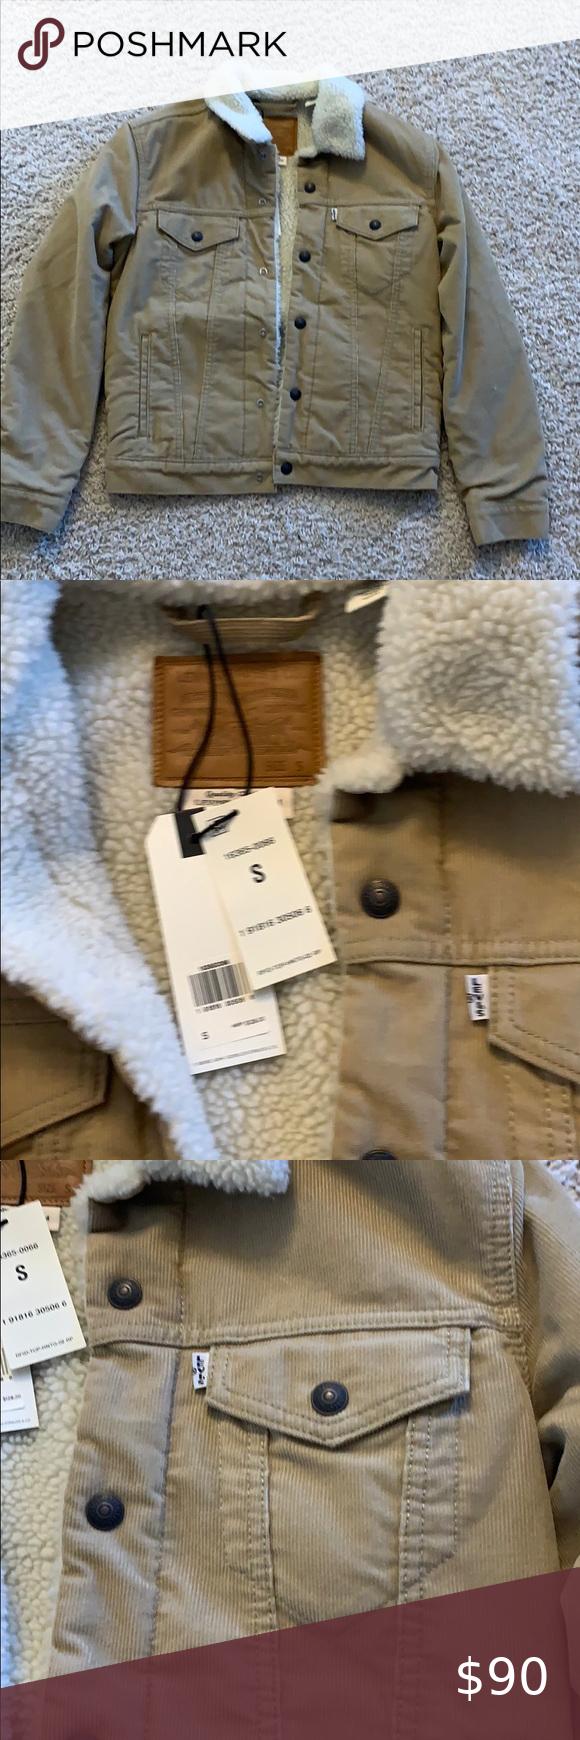 Levi S Beige Jean Jacket Brand New Beige Jeans Jacket Brands Jean Jacket [ 1740 x 580 Pixel ]